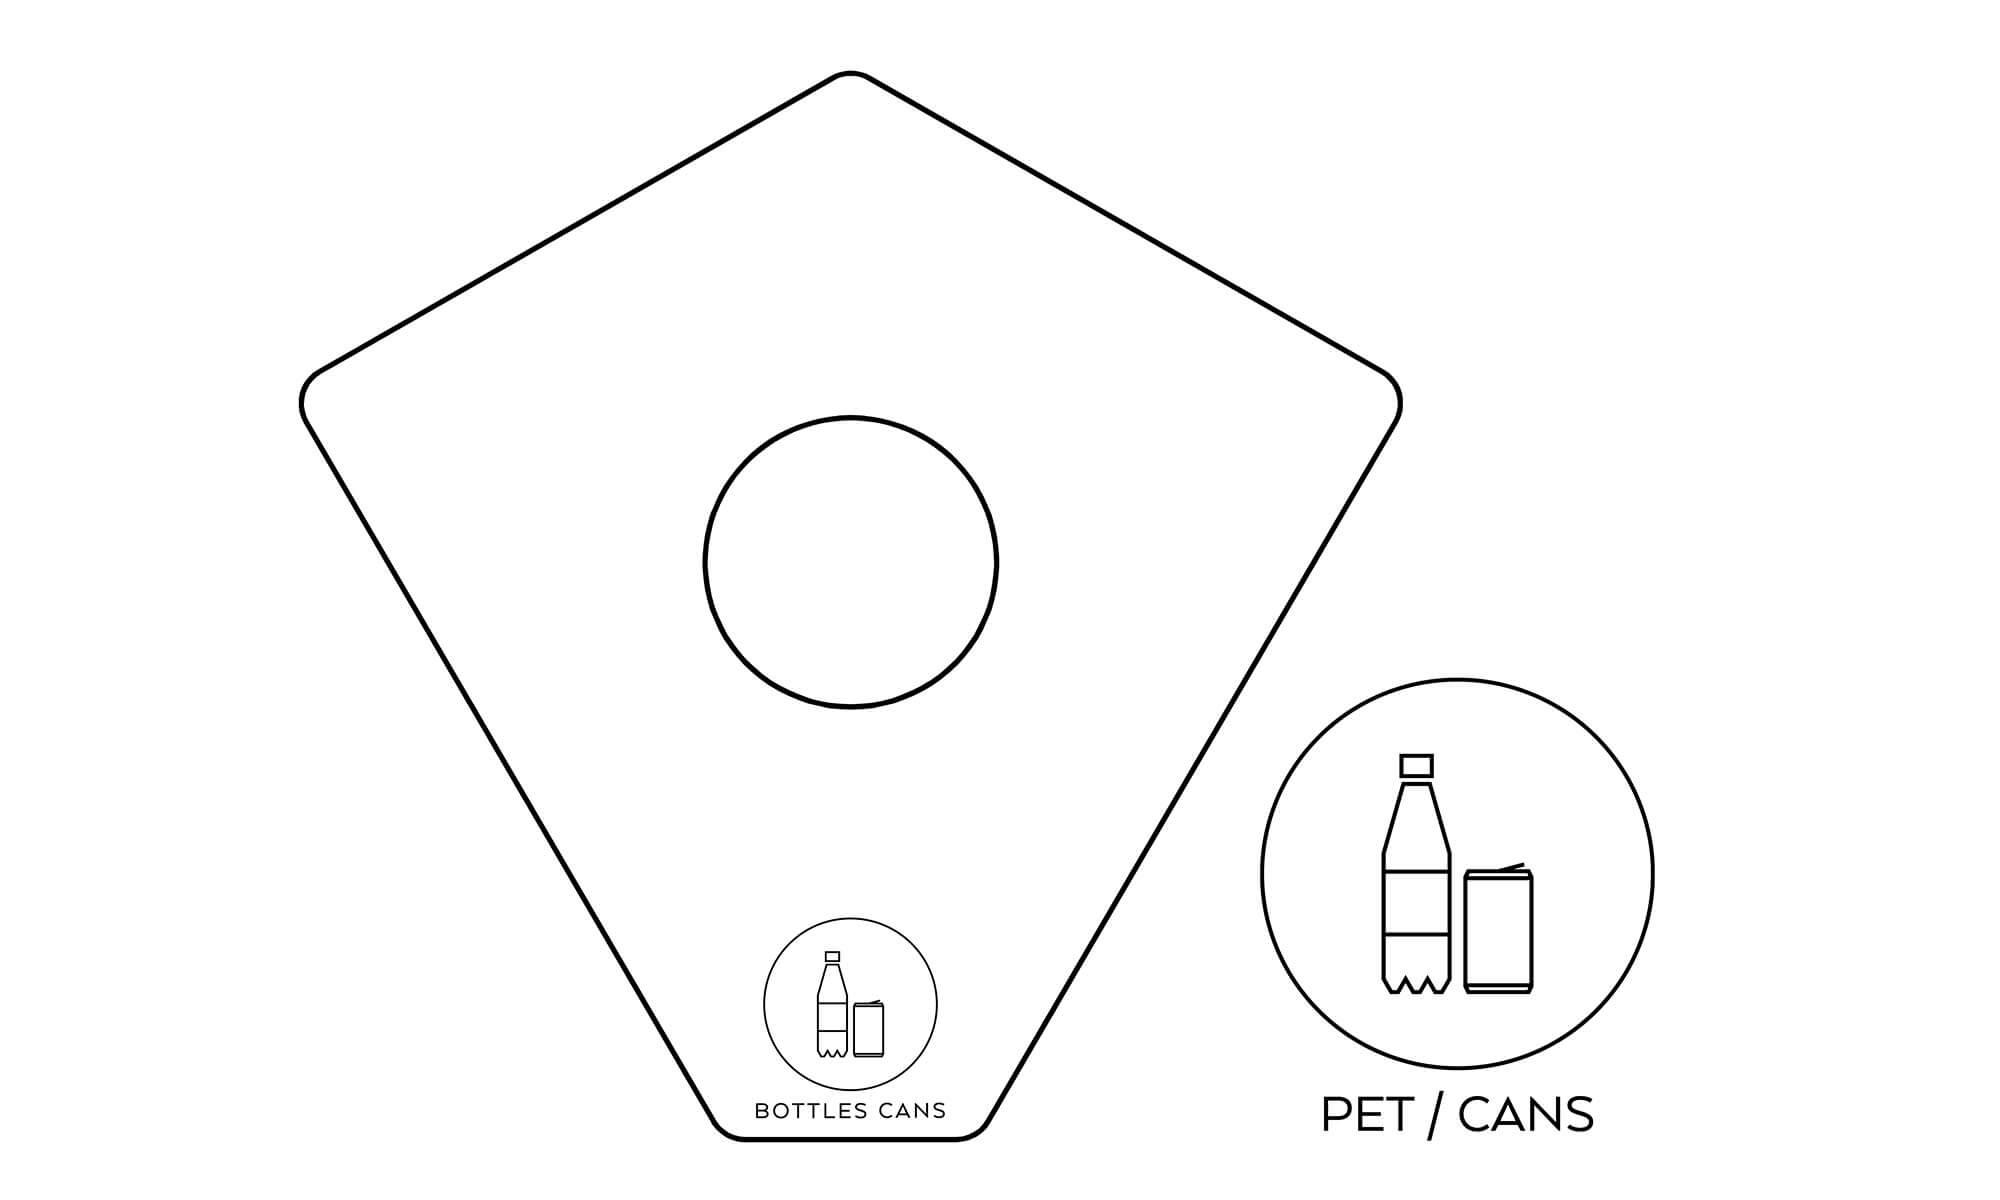 källsortering PET flaskor burkar kite recycling PET bottles cans